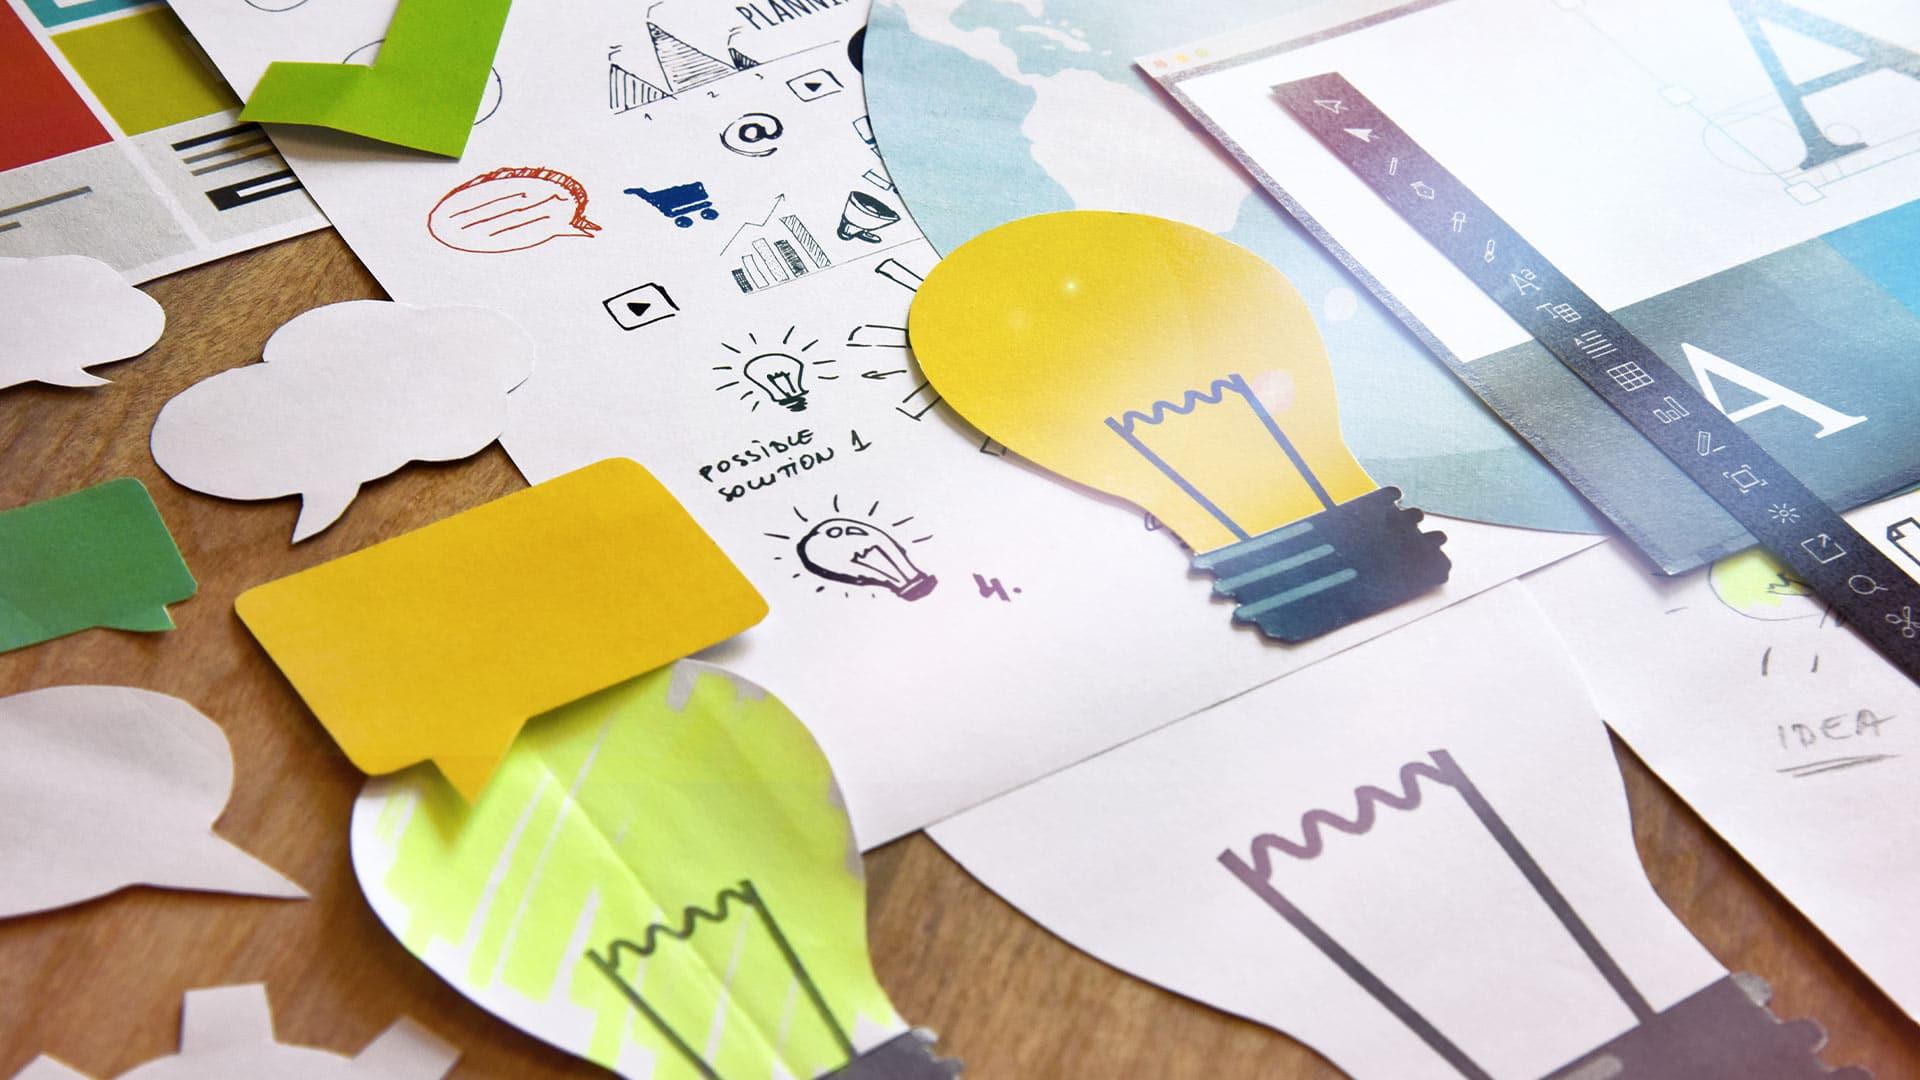 רעיון לתוכנית עסקית ולמיזם